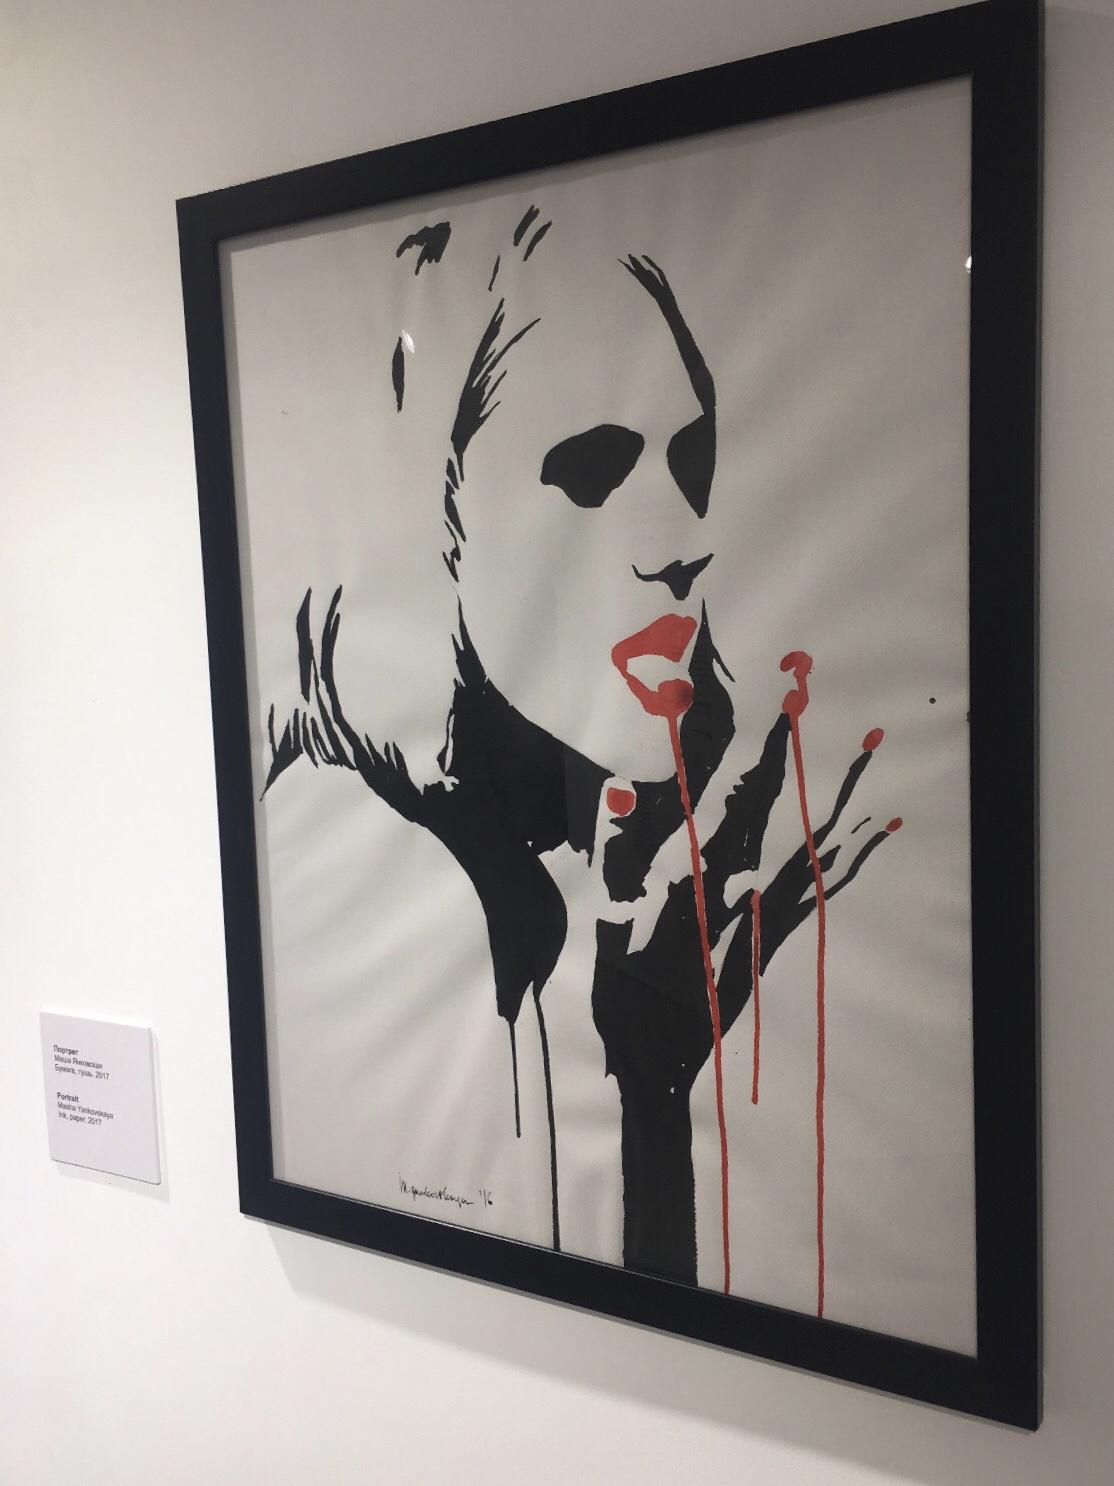 Сходили в Artservatory вместо вас и посмотрели на картины Маши Янковской 18+